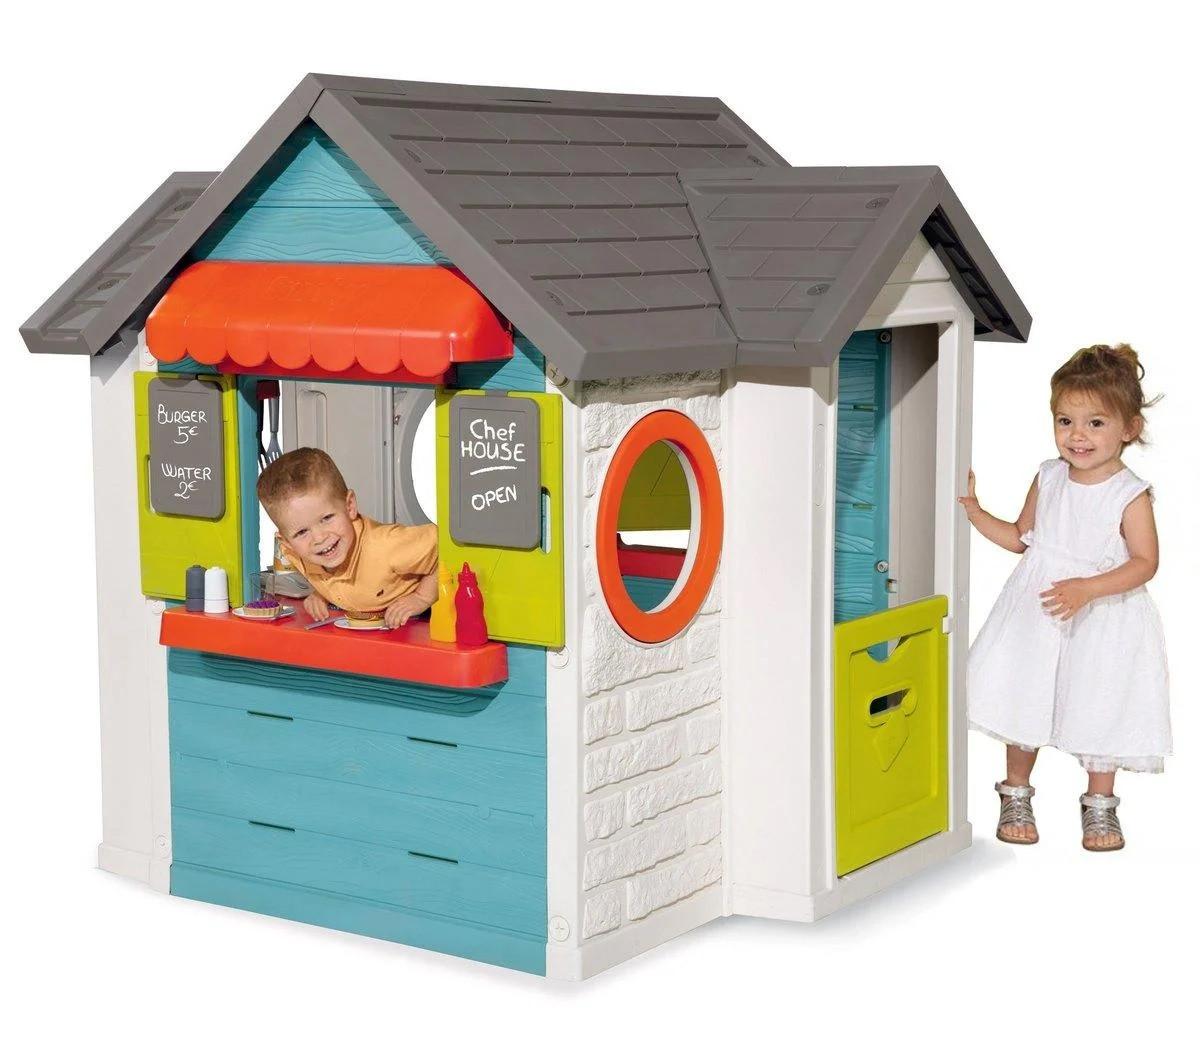 Домик Smoby детский для улицы 3 в 1: садовый домик, ресторан и  магазин